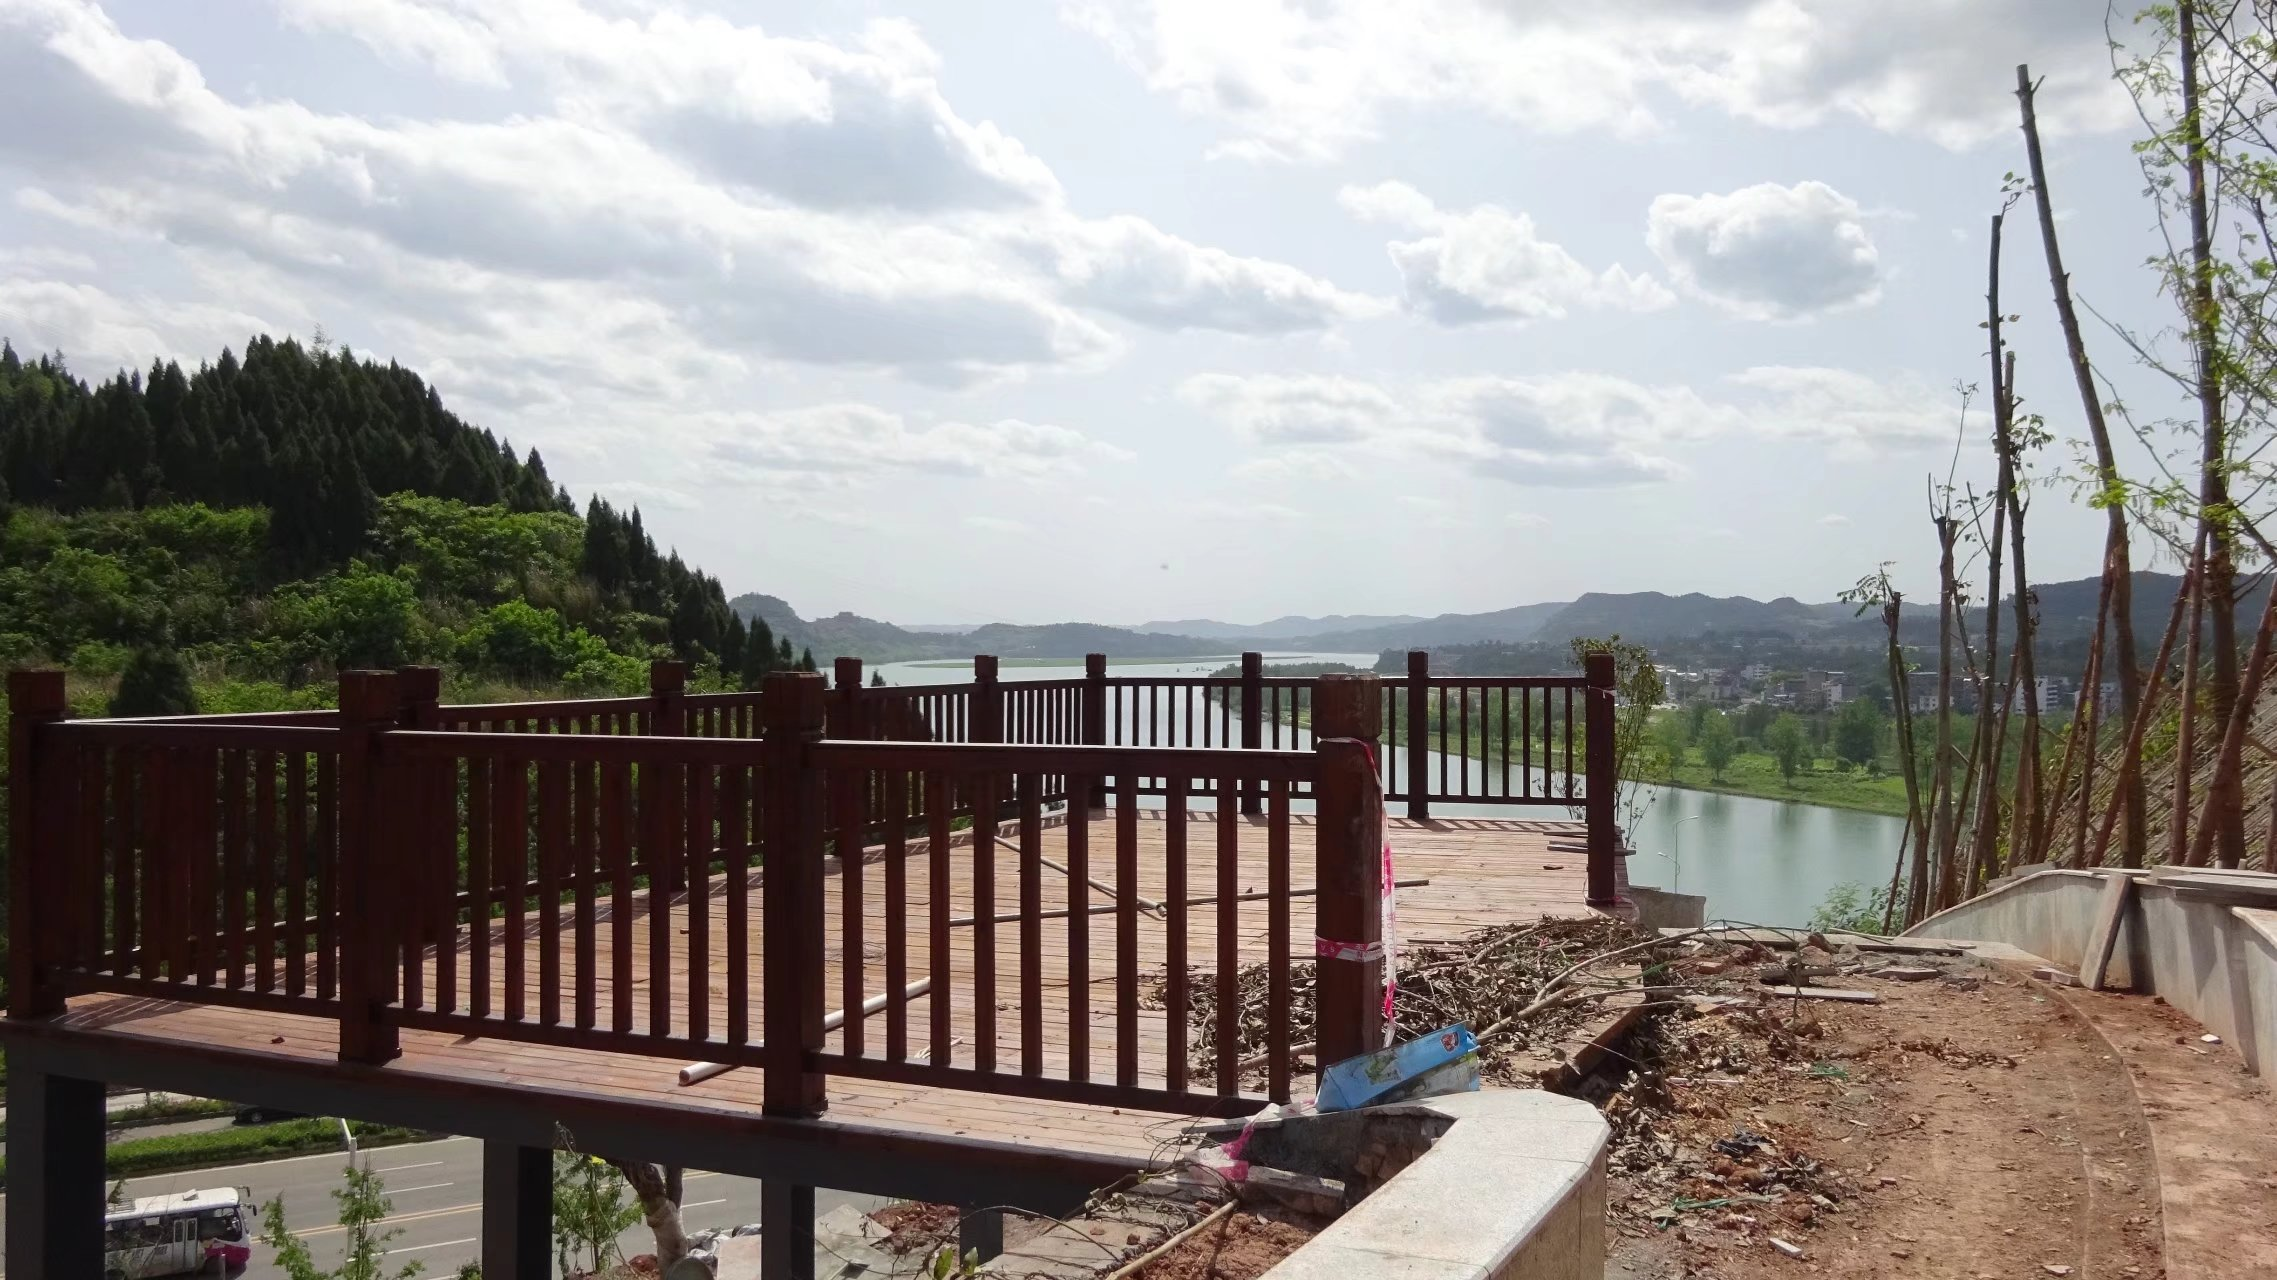 蓬安桑梓火锅公园施工进度(2018-05-10) - 第9张    蓬安在线